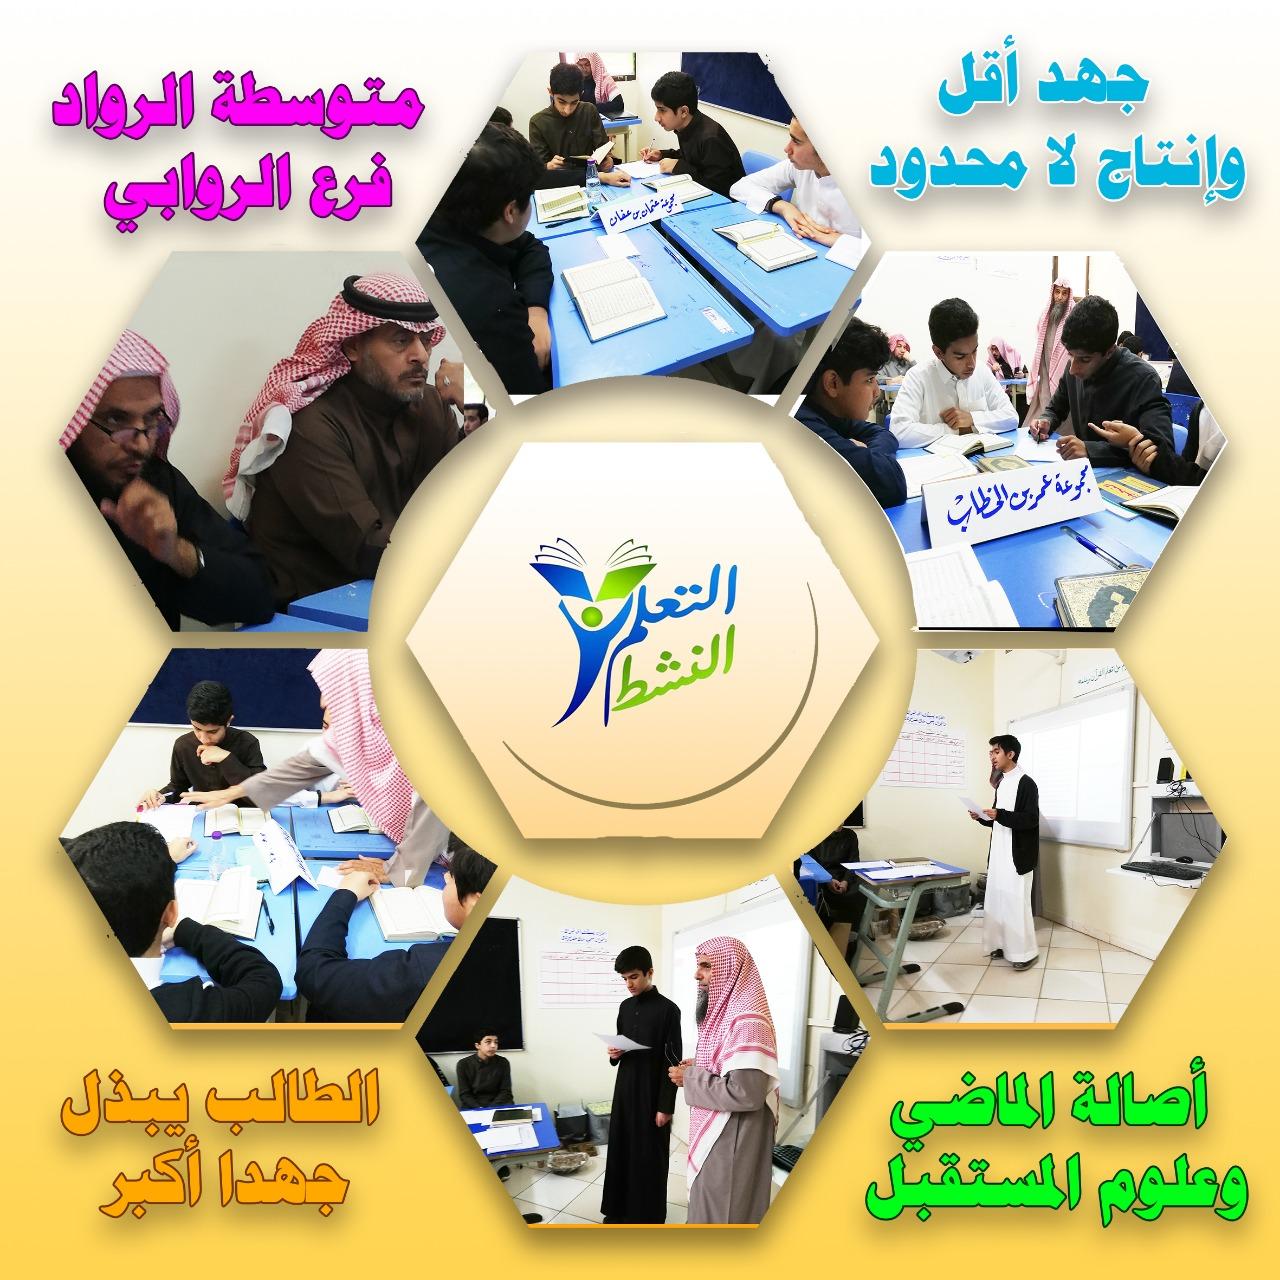 حصة تطبيقية في مادة القرآن الكريم